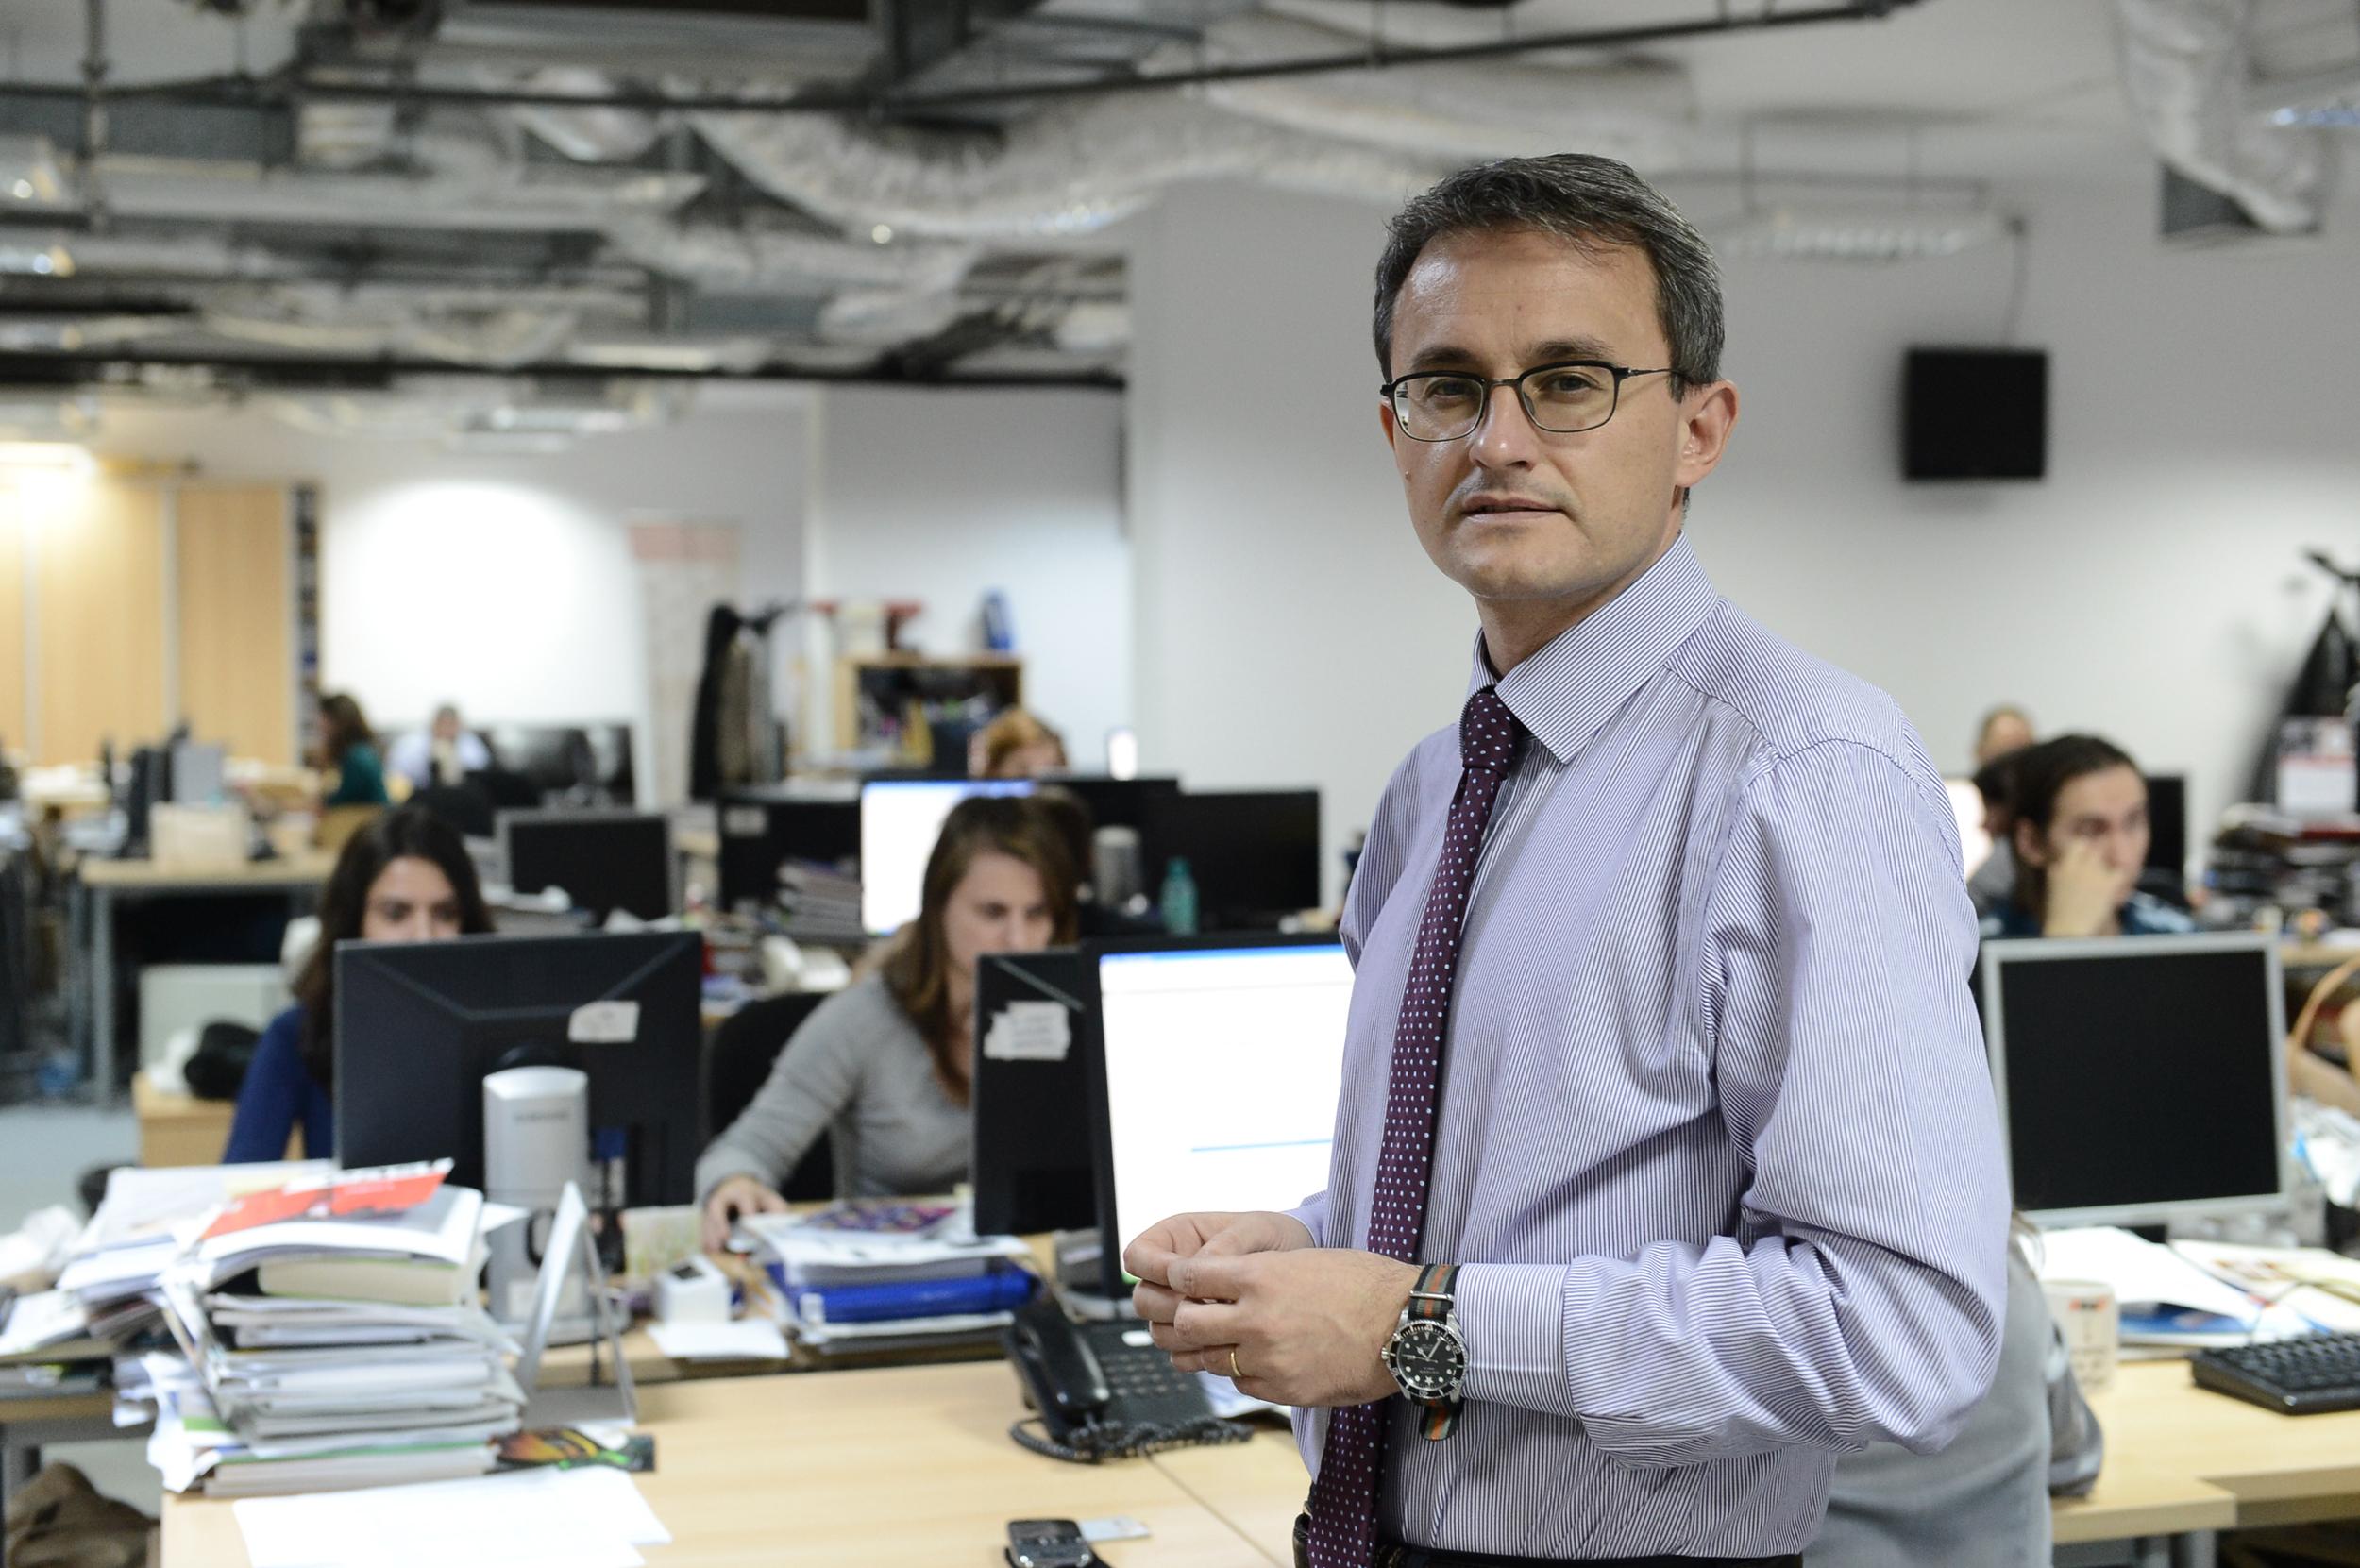 Problema Băncii Naţionale nu este când se va retrage guvernatorul Mugur Isărescu, ci când nu va mai fi domnul Adrian Vasilescu